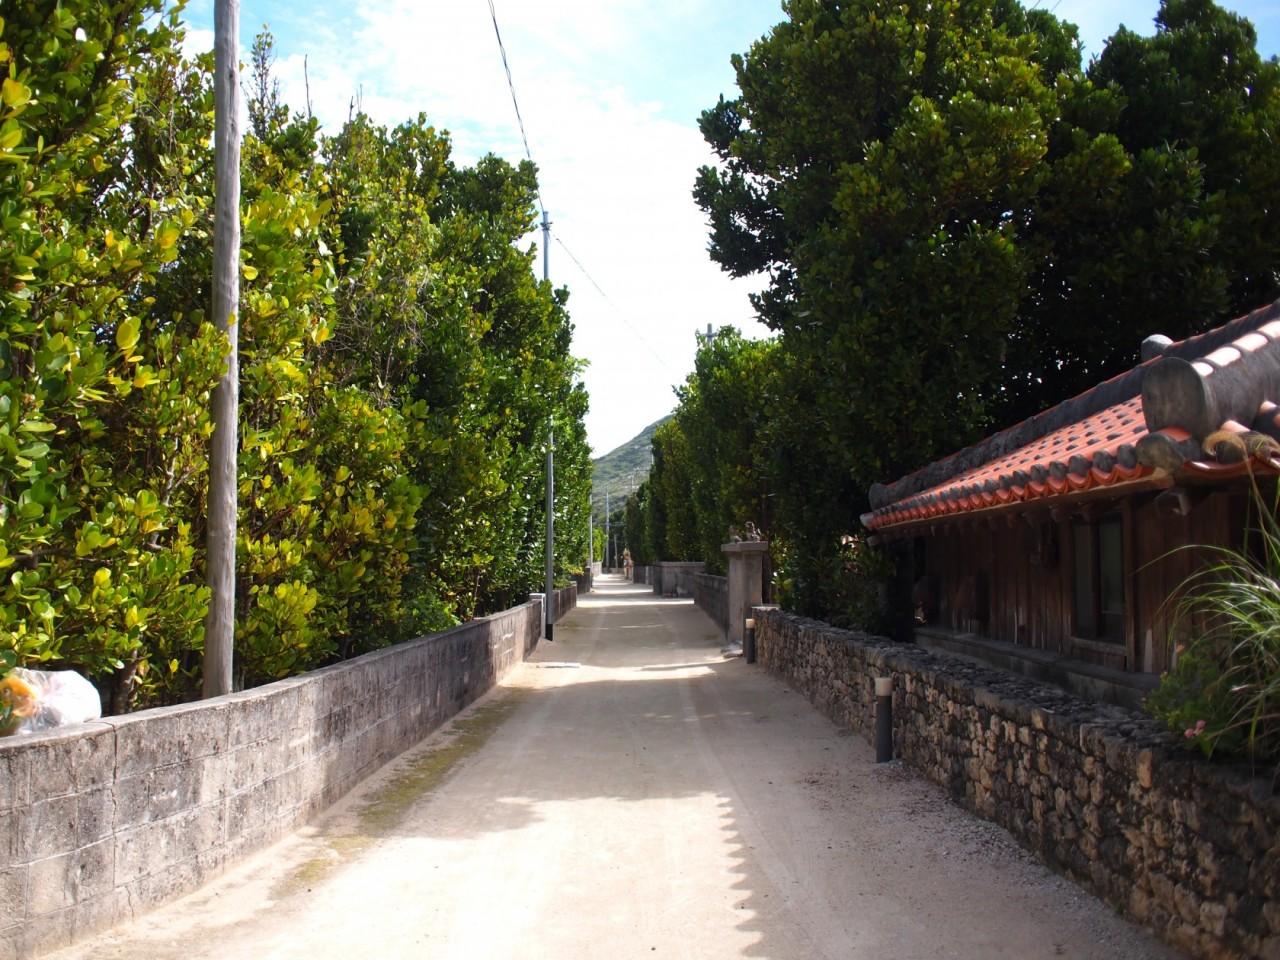 美しい白砂の道、渡名喜島の人々のちいさな積み重ね